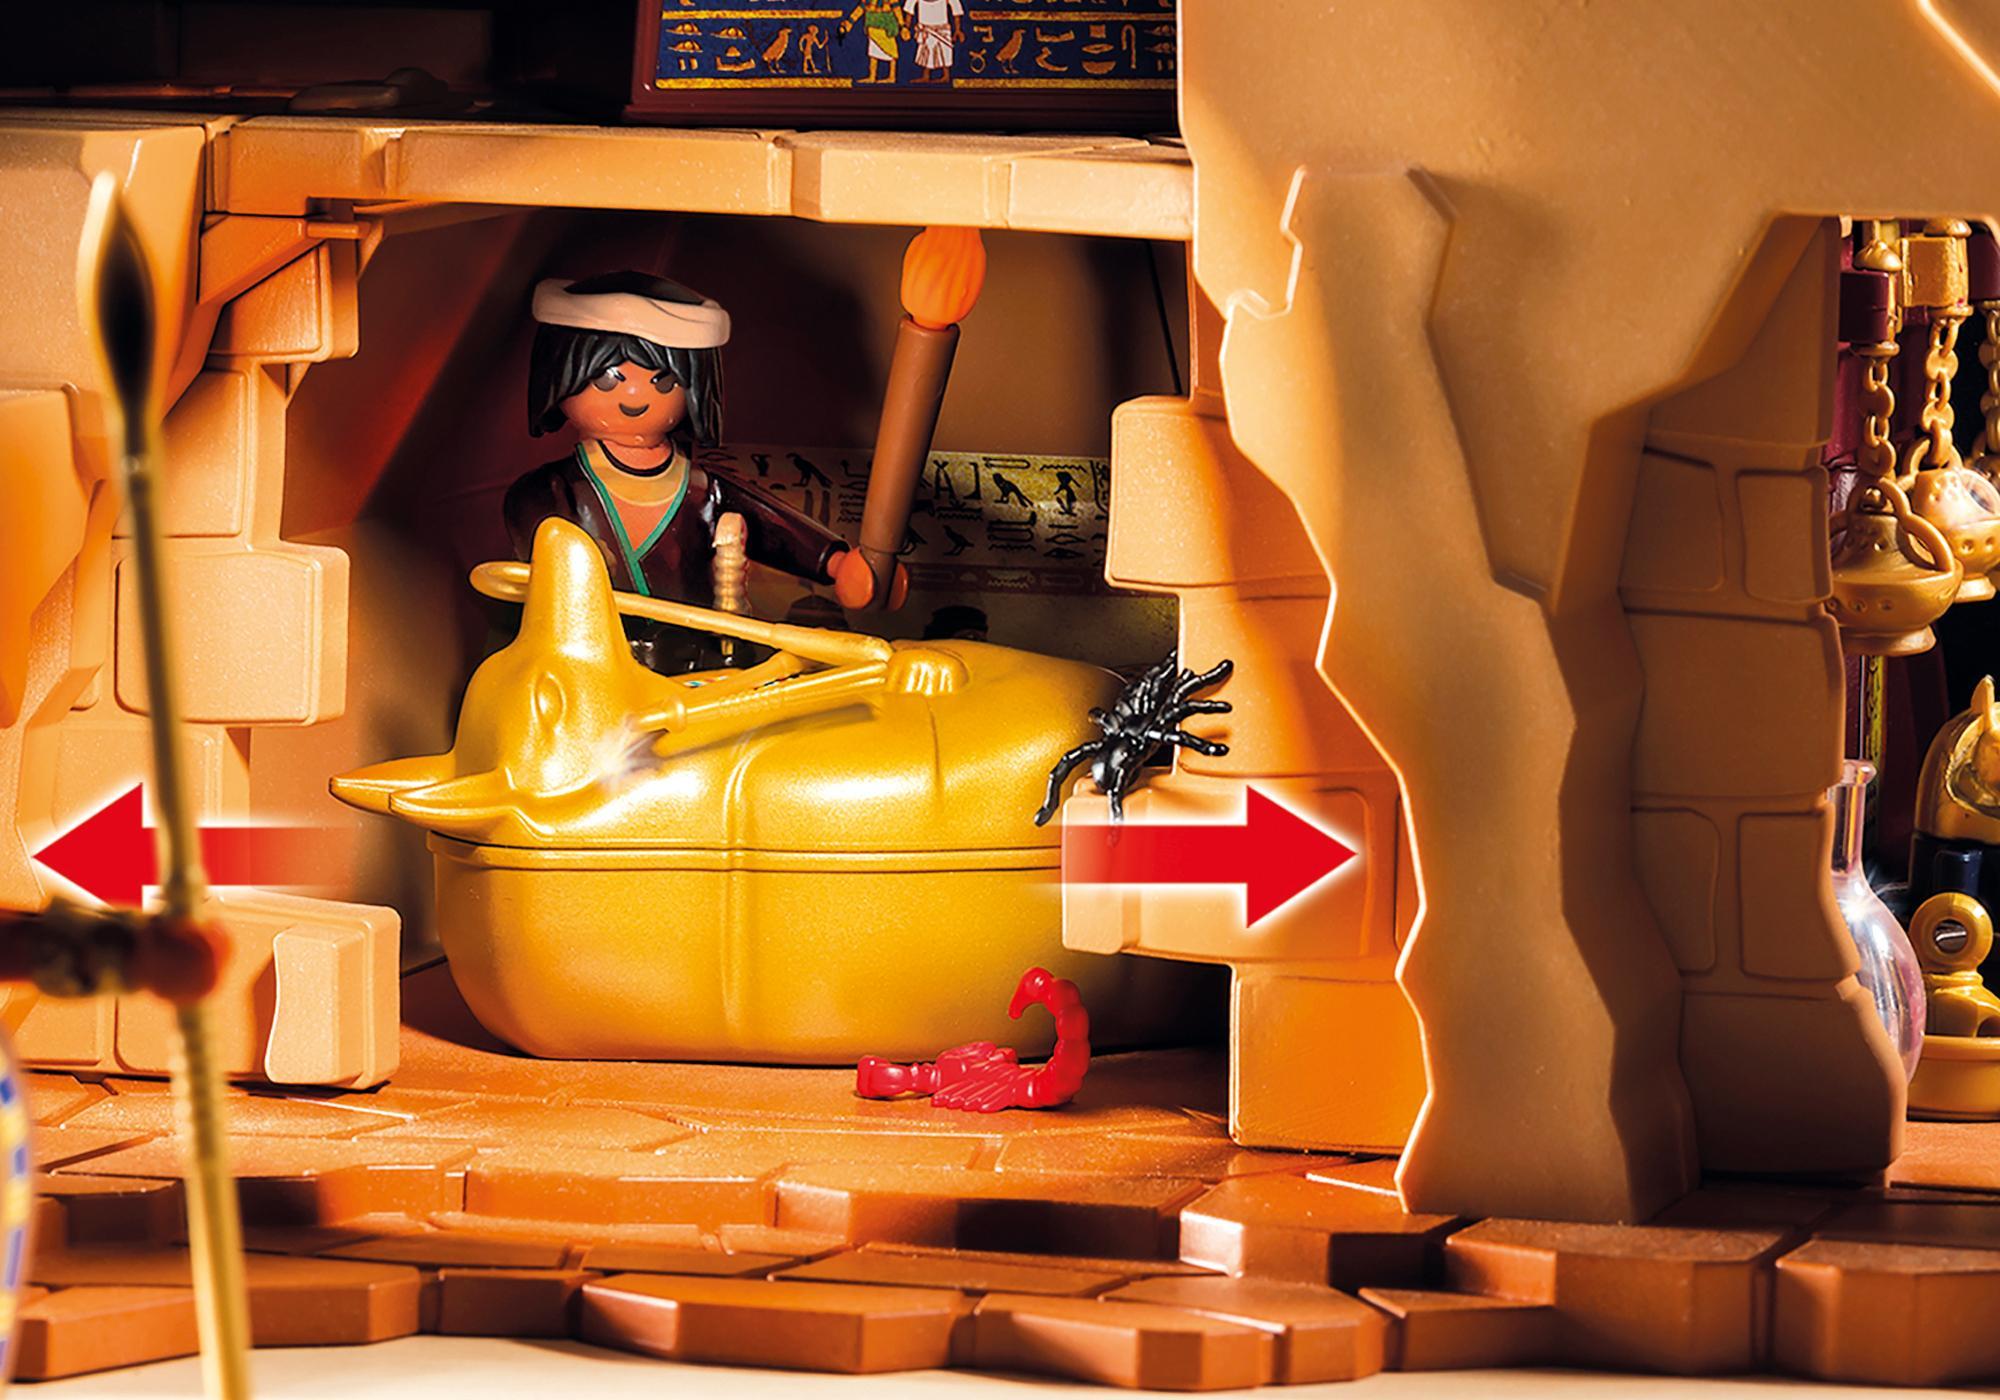 http://media.playmobil.com/i/playmobil/5386_product_extra1/Pharaoh's Pyramid